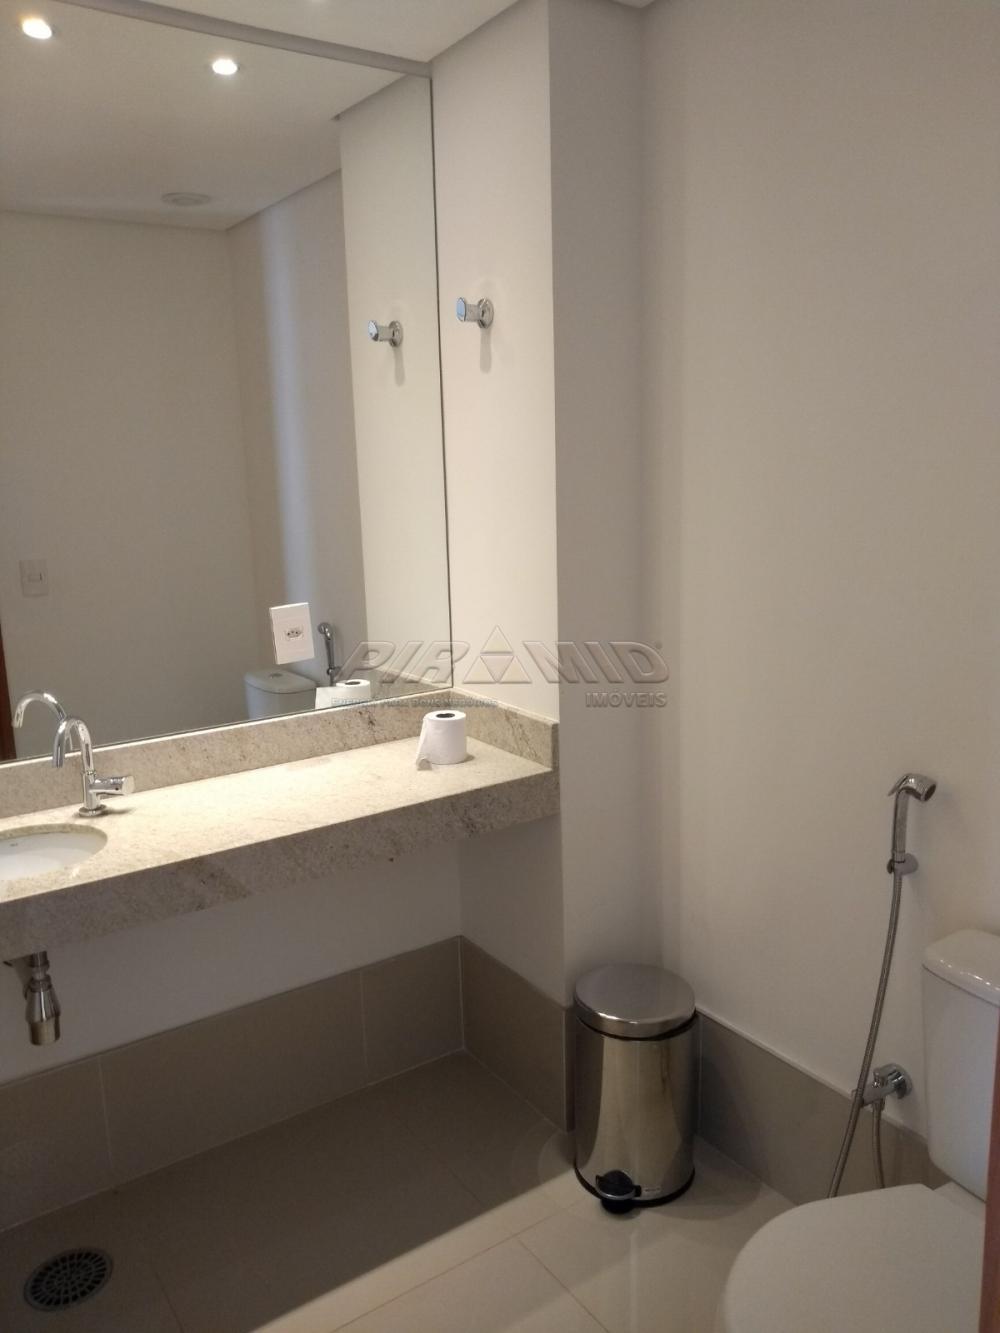 Alugar Apartamento / Padrão em Ribeirão Preto R$ 1.700,00 - Foto 70